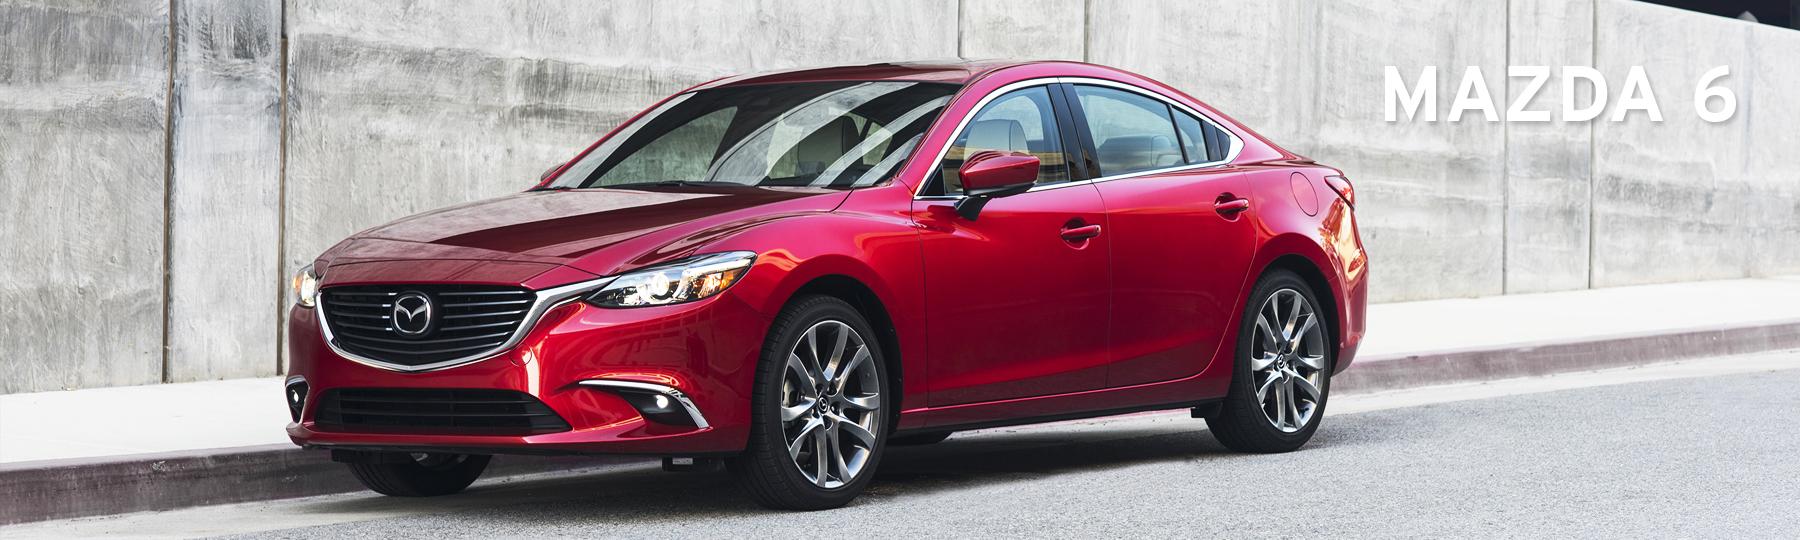 Mazda Mazda6: AWord to Mazda Owners